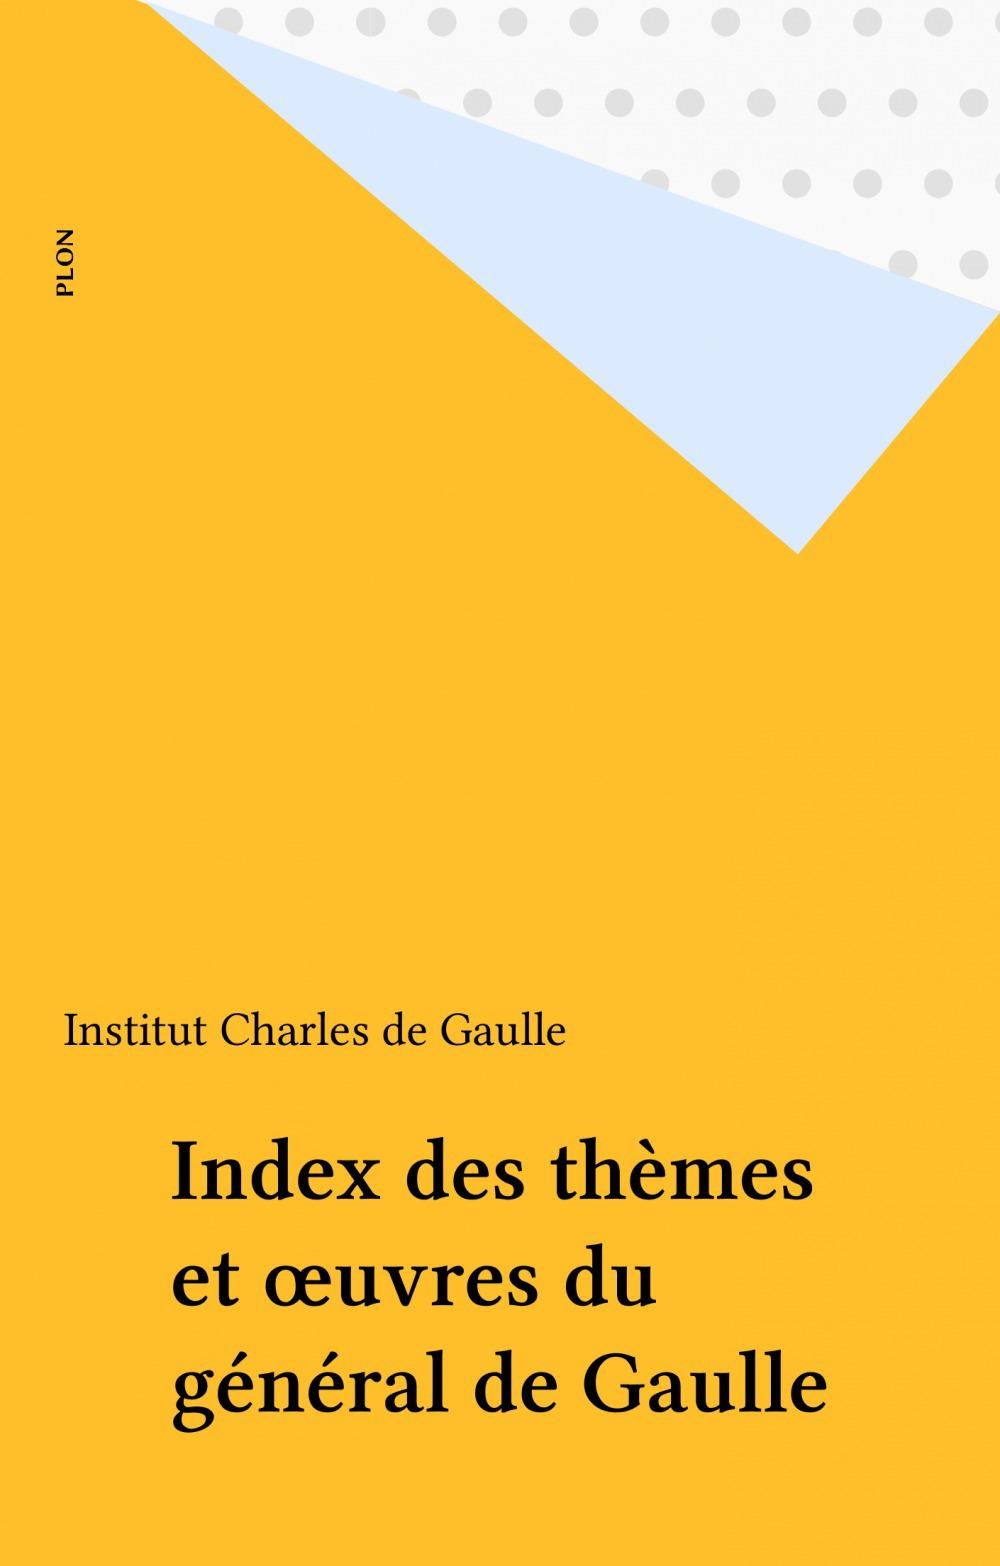 Index des themes